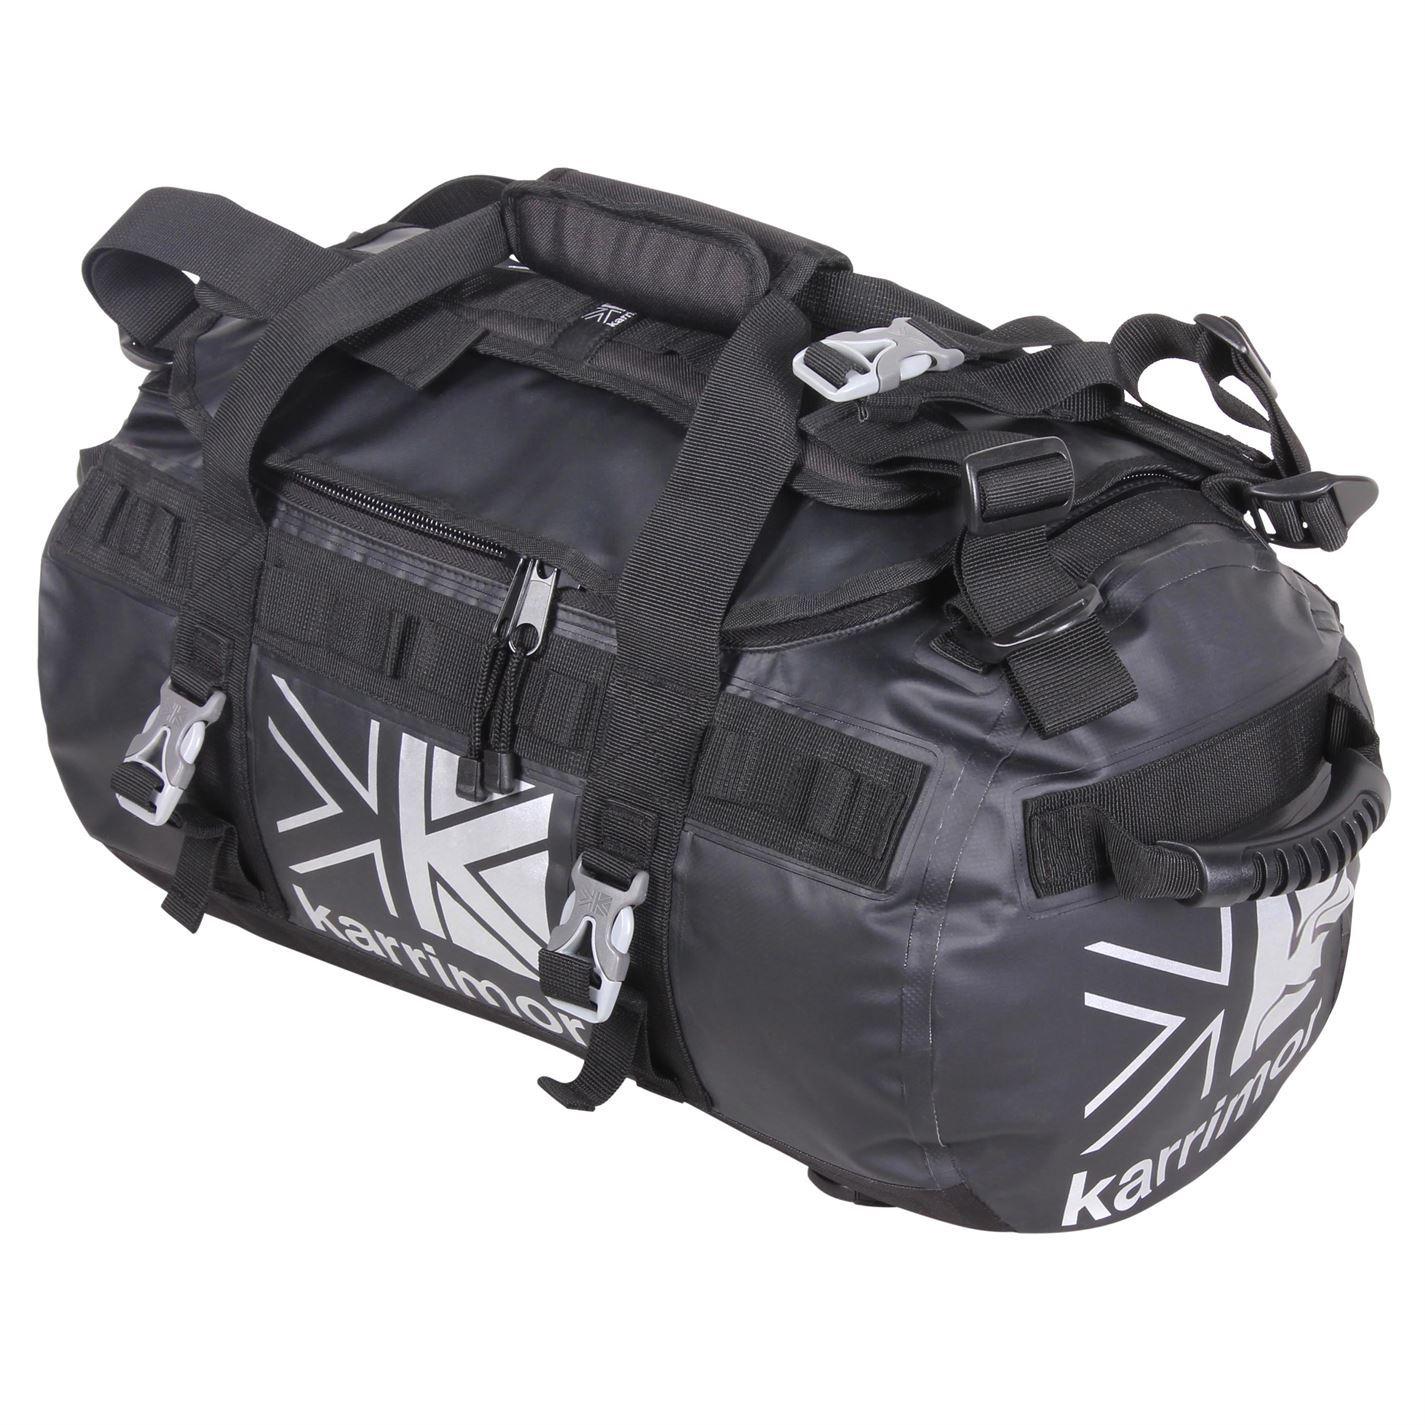 Karrimor Duffle Bags 40L/47L/65L/70L/90L Carryall Holdall Barrel Bag Kitbag Kitbag Kitbag adb3f5